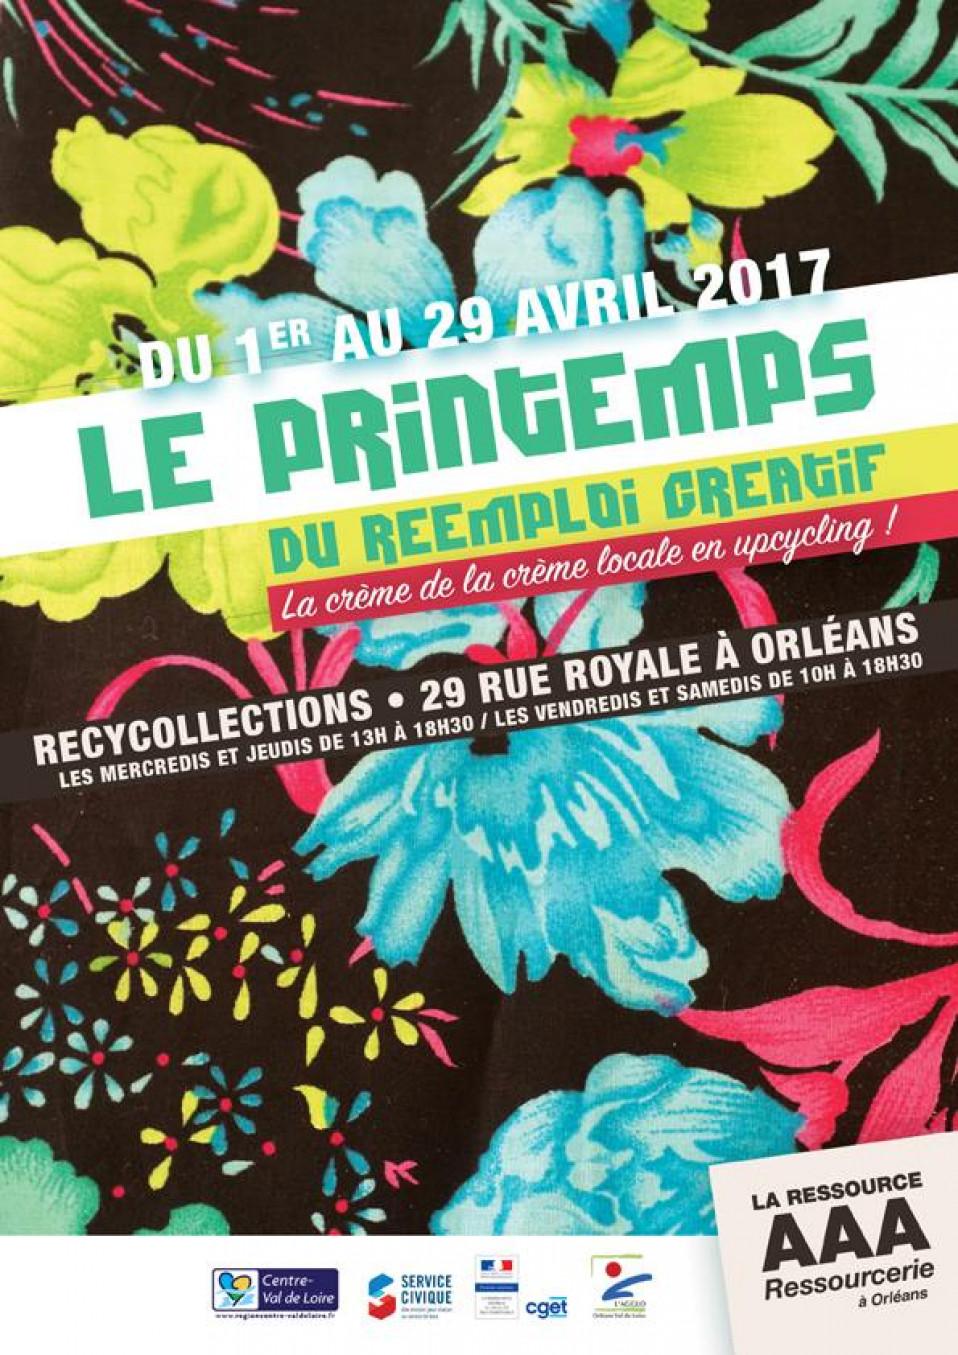 Exposition chez Recycollections du 1er au 29 avril 2017